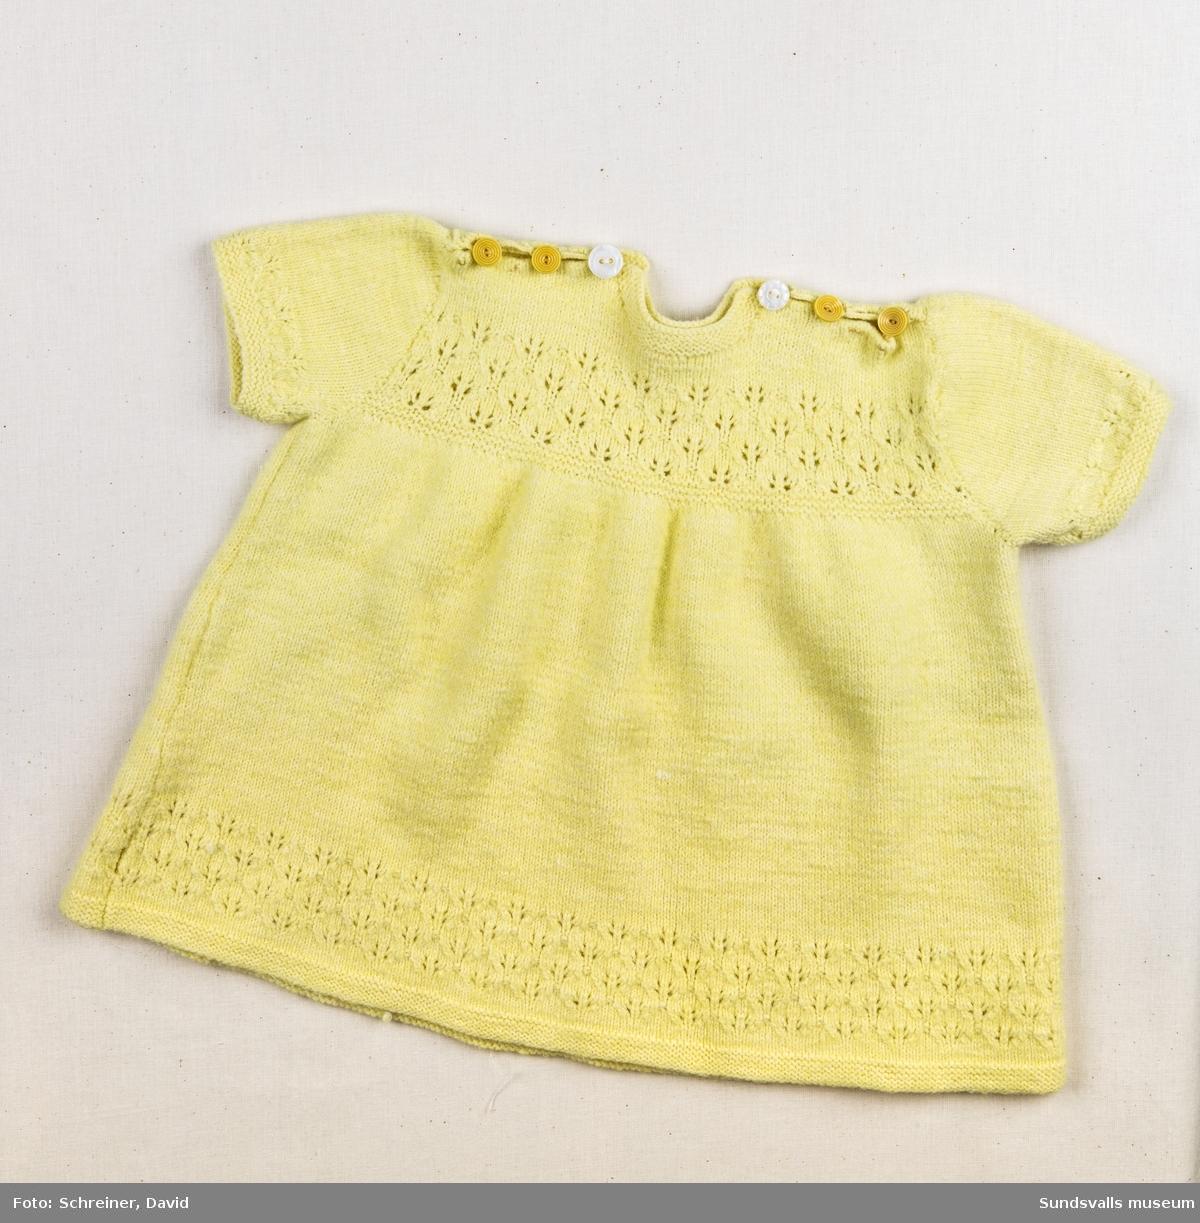 En stickad gul klänning med högt placerat liv. Mönstersickning i ärmslut, halsringning, livet och i klänningens nederkant. Knäpps med tre stycken gula plastknappar över de båda axlarna.